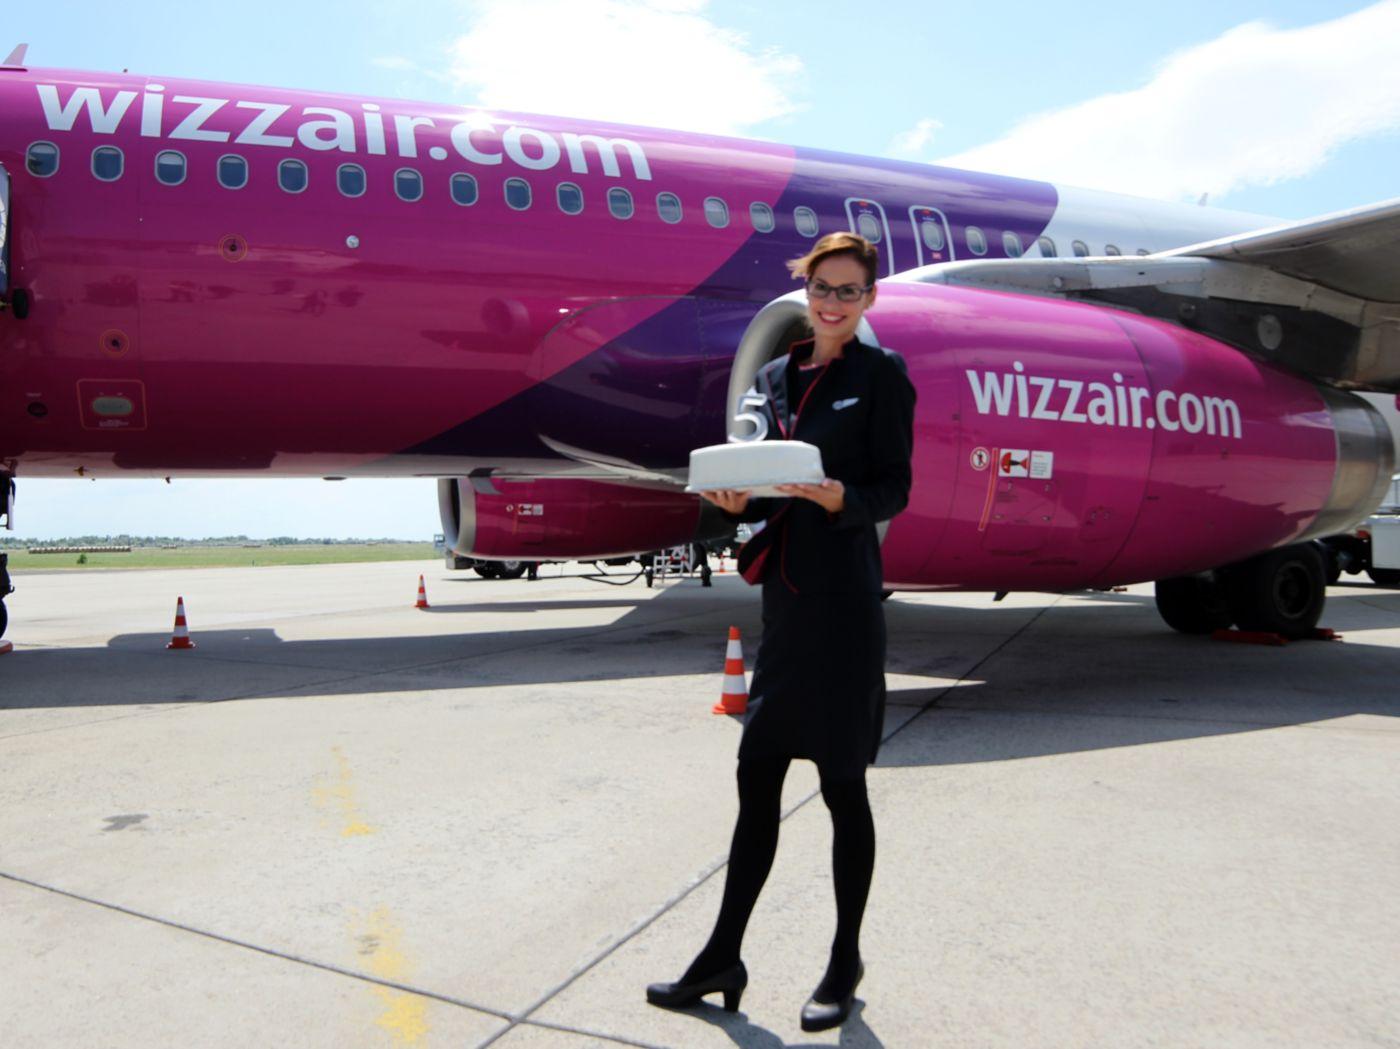 A Wizz Air vasárnap ünnepelte debreceni működésének 5. évfordulóját.